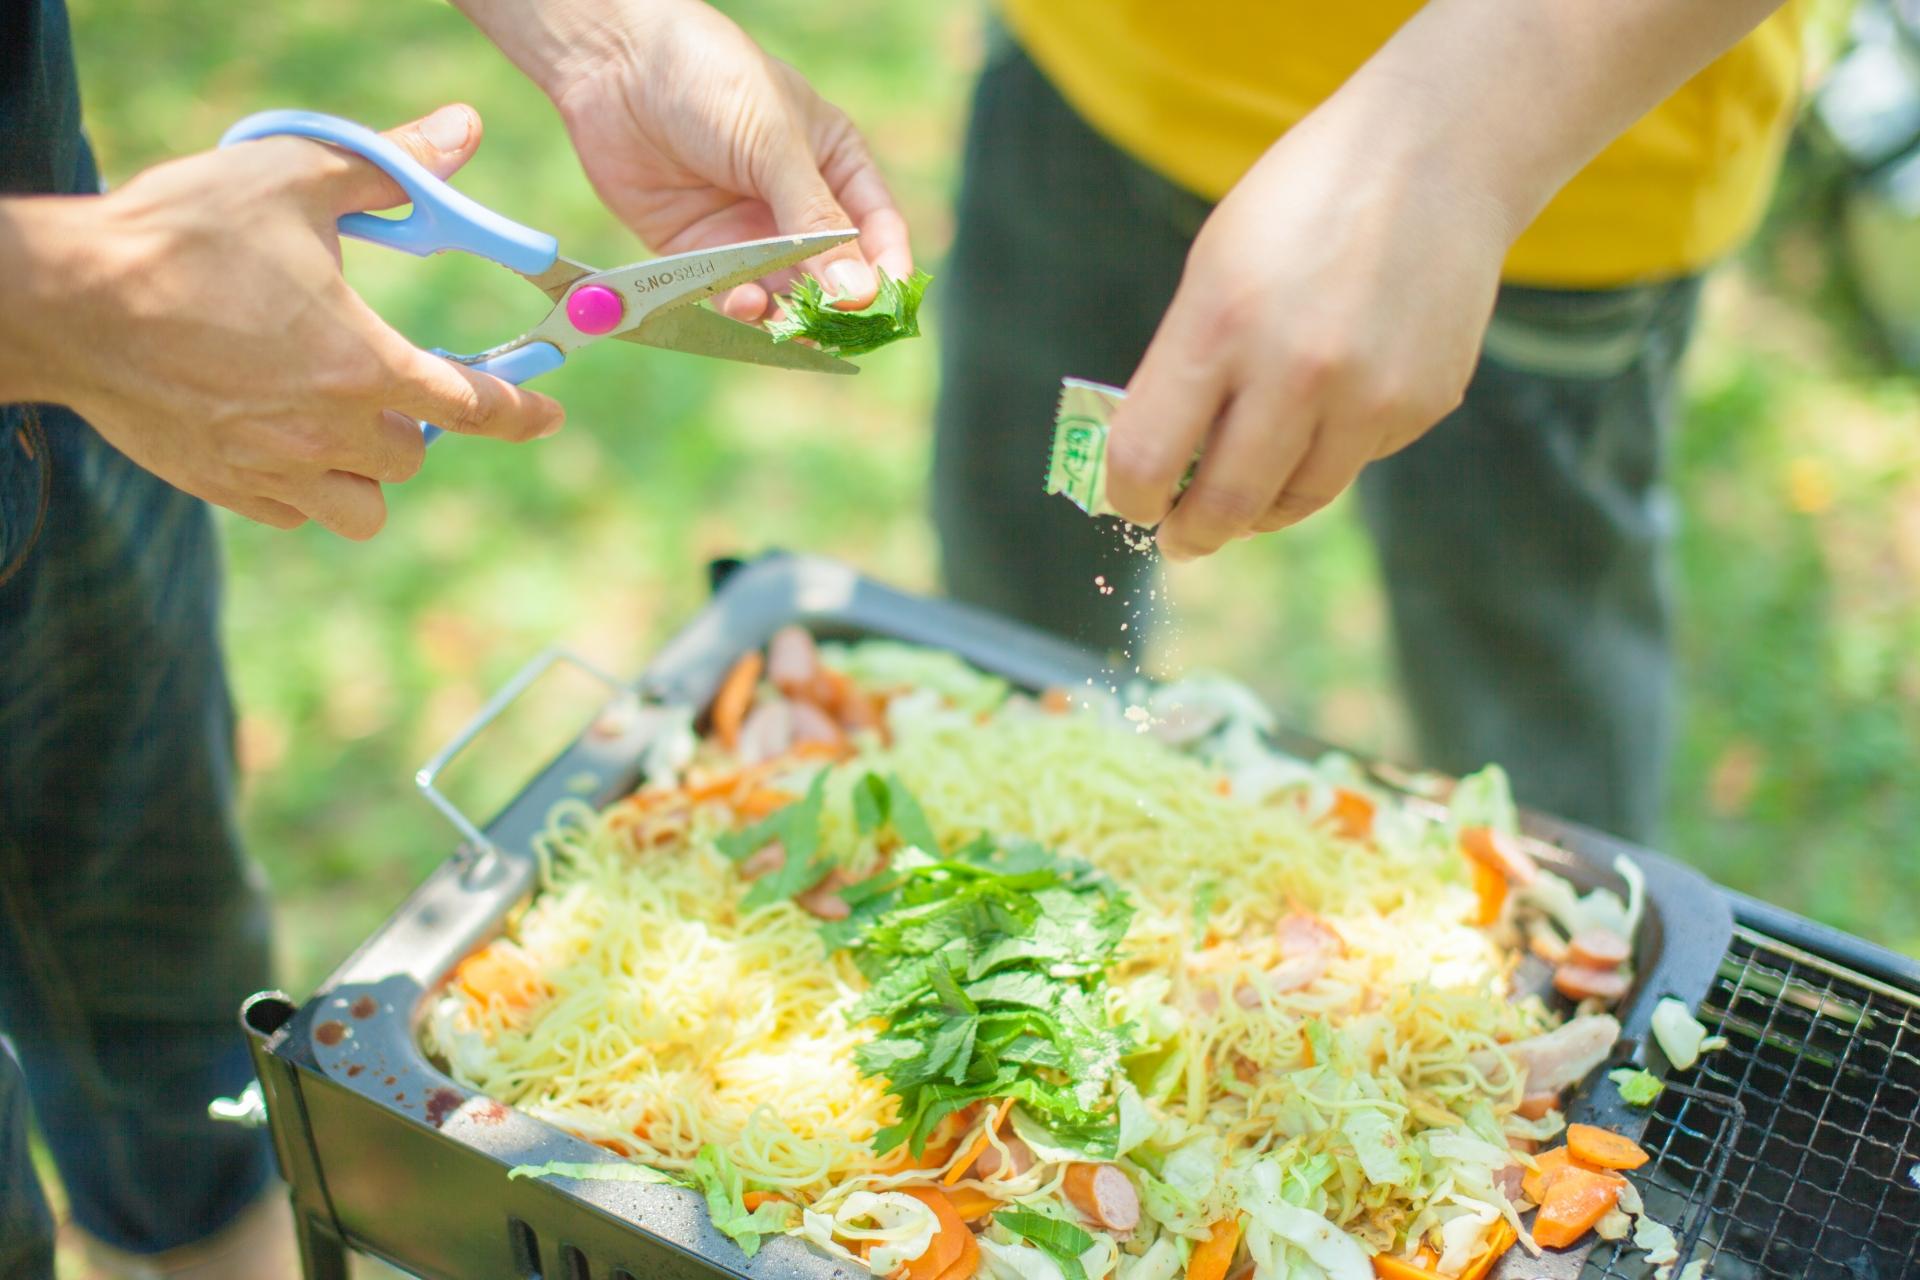 【初心者向け】アウトドア料理におすすめの道具